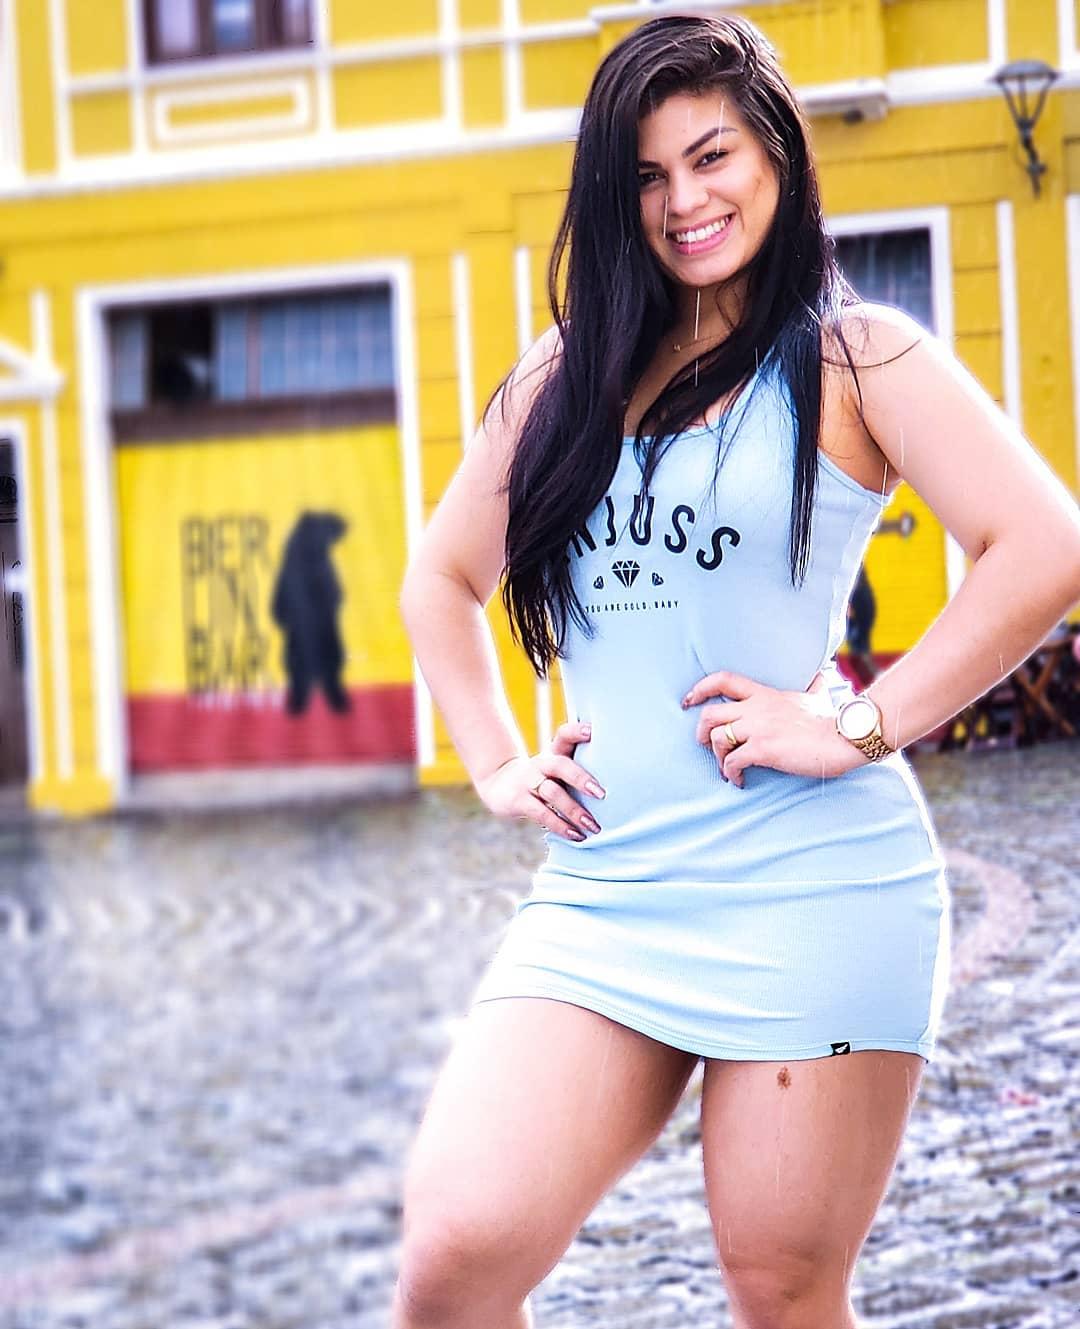 49900562 322900238321728 2277638160844324864 o - Paraibana gera polêmica ao passear nua em shopping de Recife - VEJA FOTOS E VÍDEO